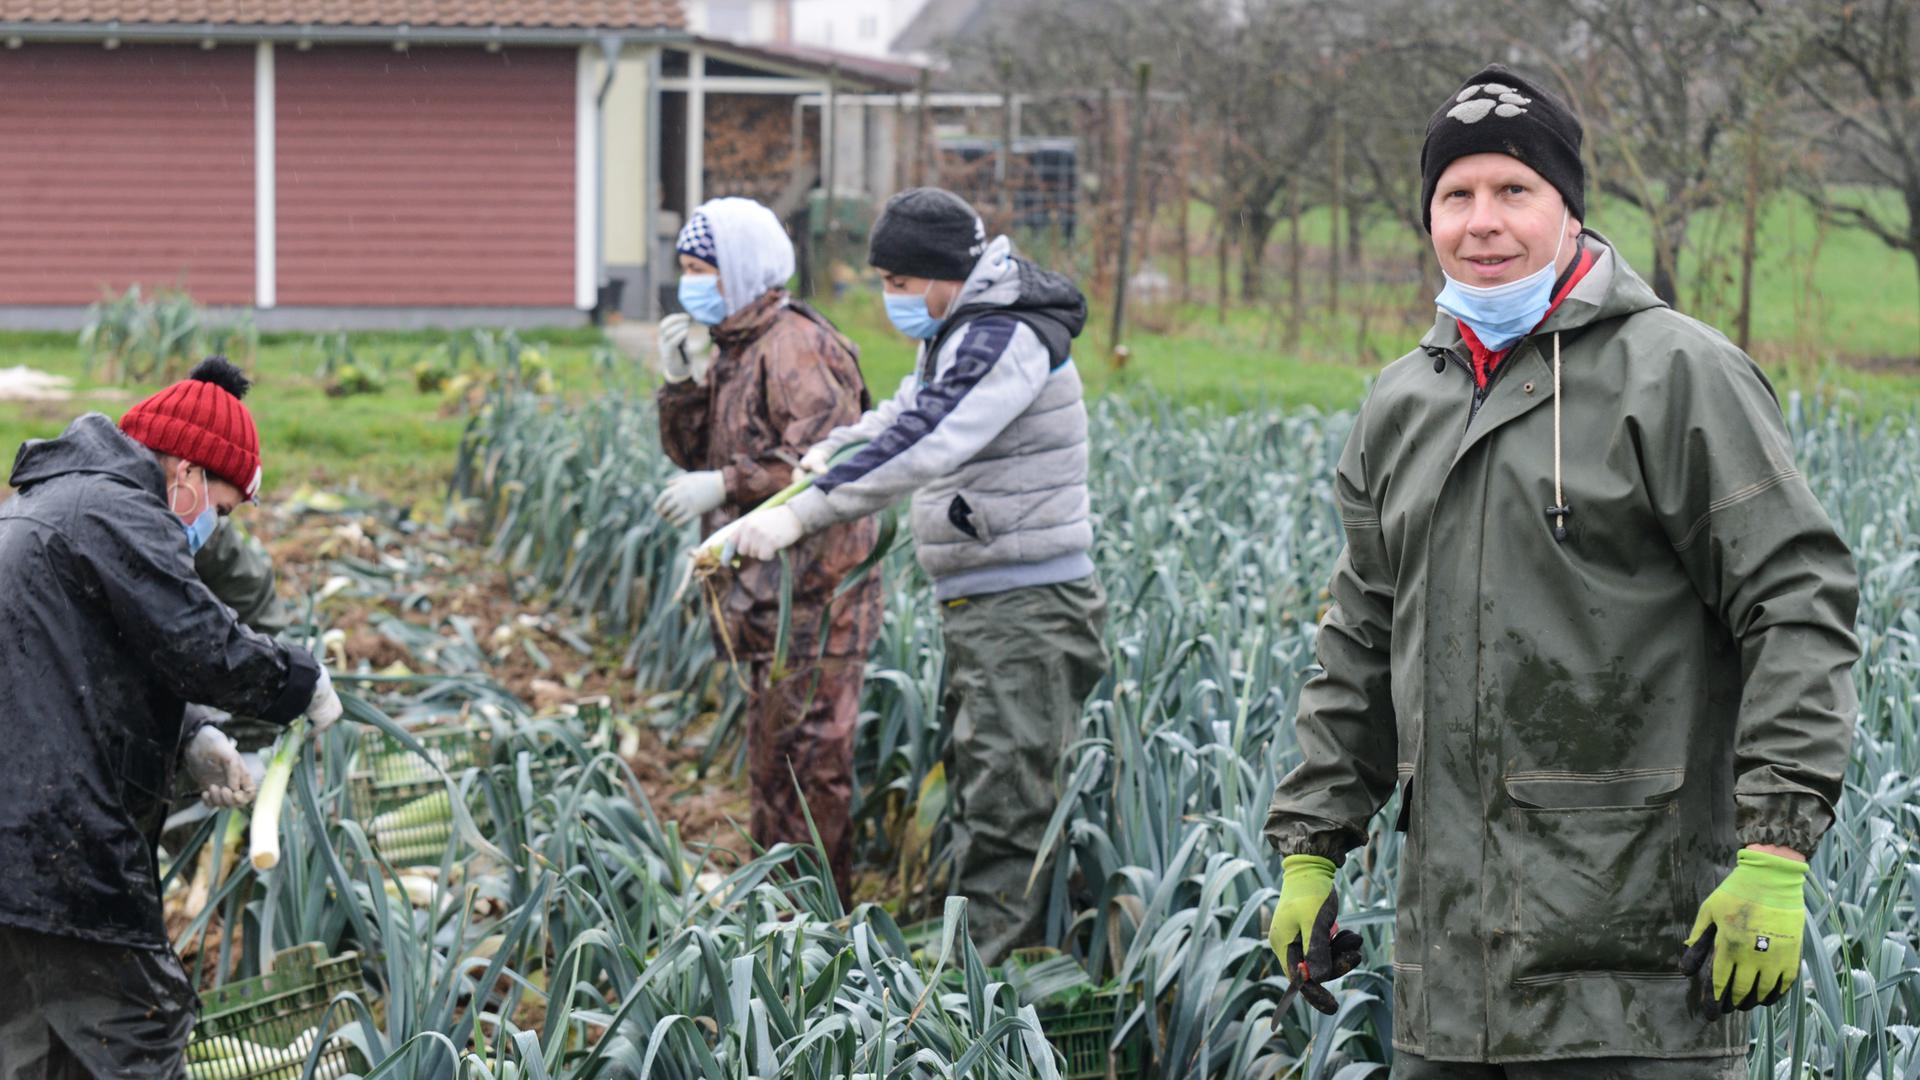 Markus Schindler mit seinen Erntehelfern aus Rumänien bei der Lauchernte in Önsbach (8. Februar)